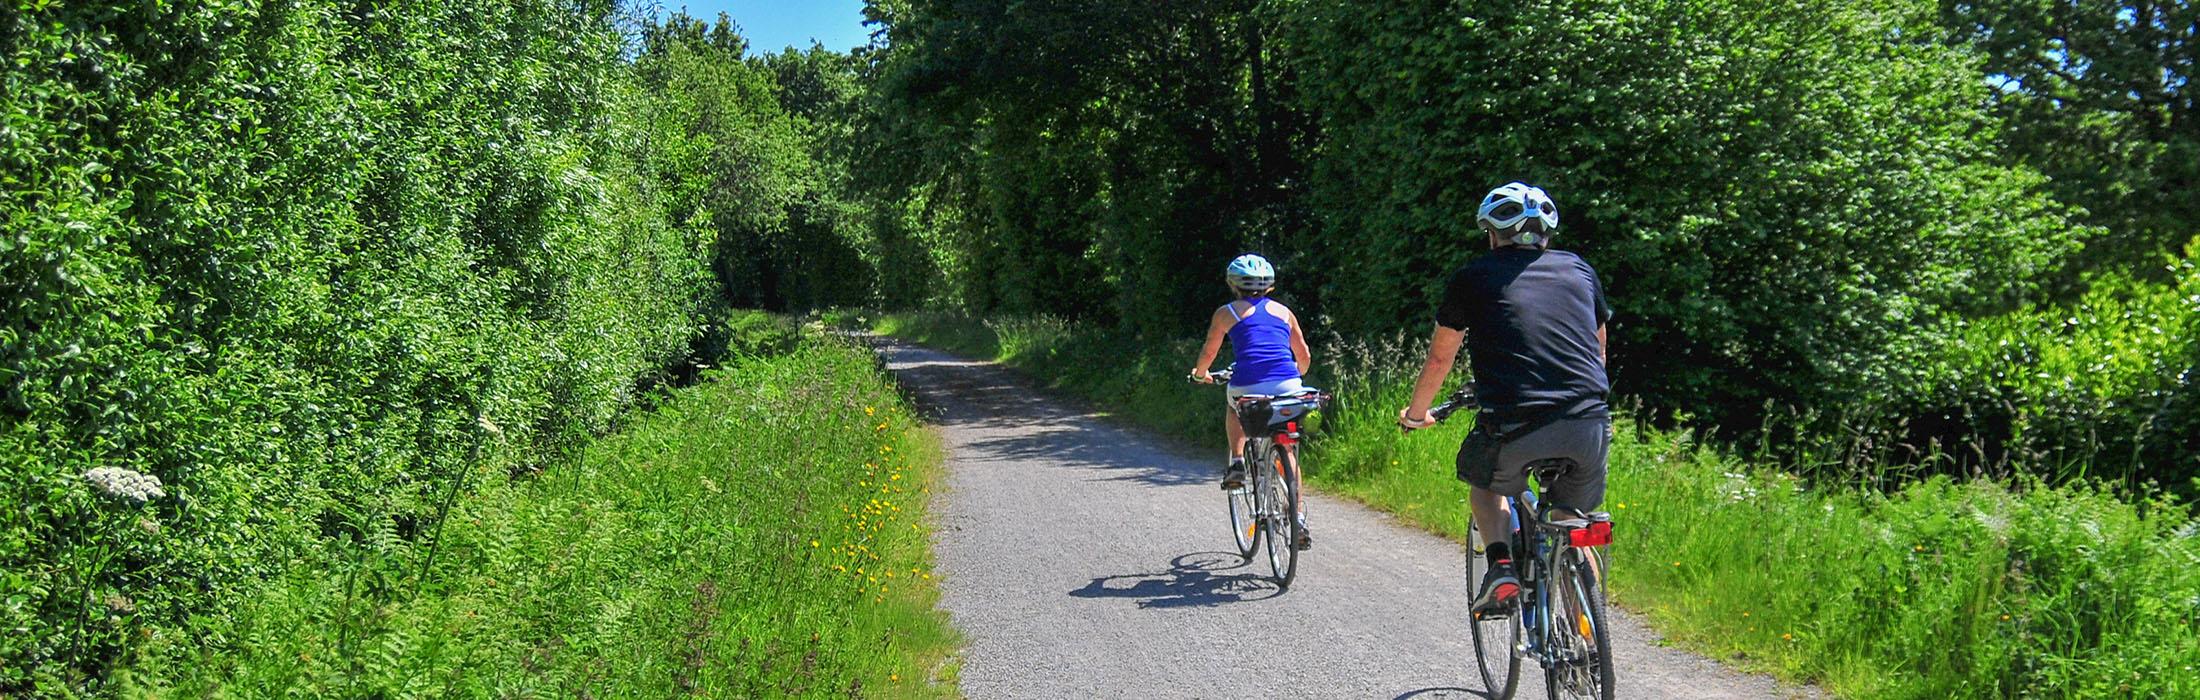 À vélo, à VTT, en cyclotourisme, la pratique du deux-roues est idéale sur les nombreux sentiers, voies vertes et petites routes du Pays de Vire !      1